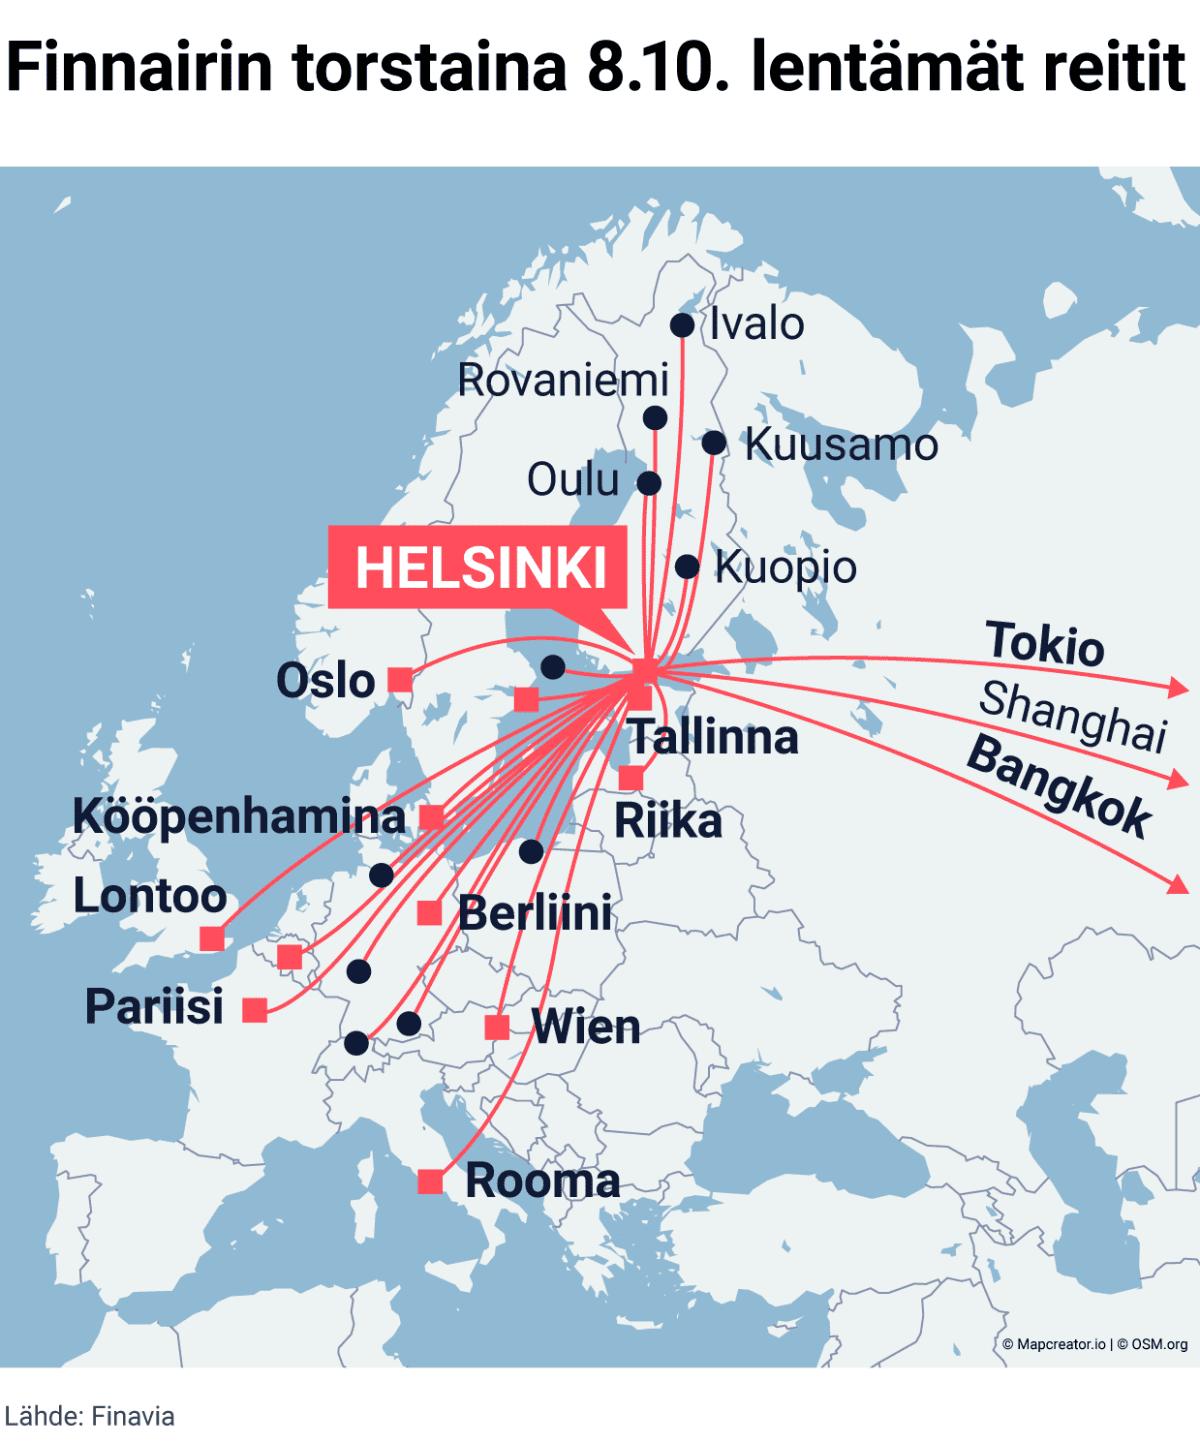 Finnairin torstaina 8.10. lentämät reitit kartalla